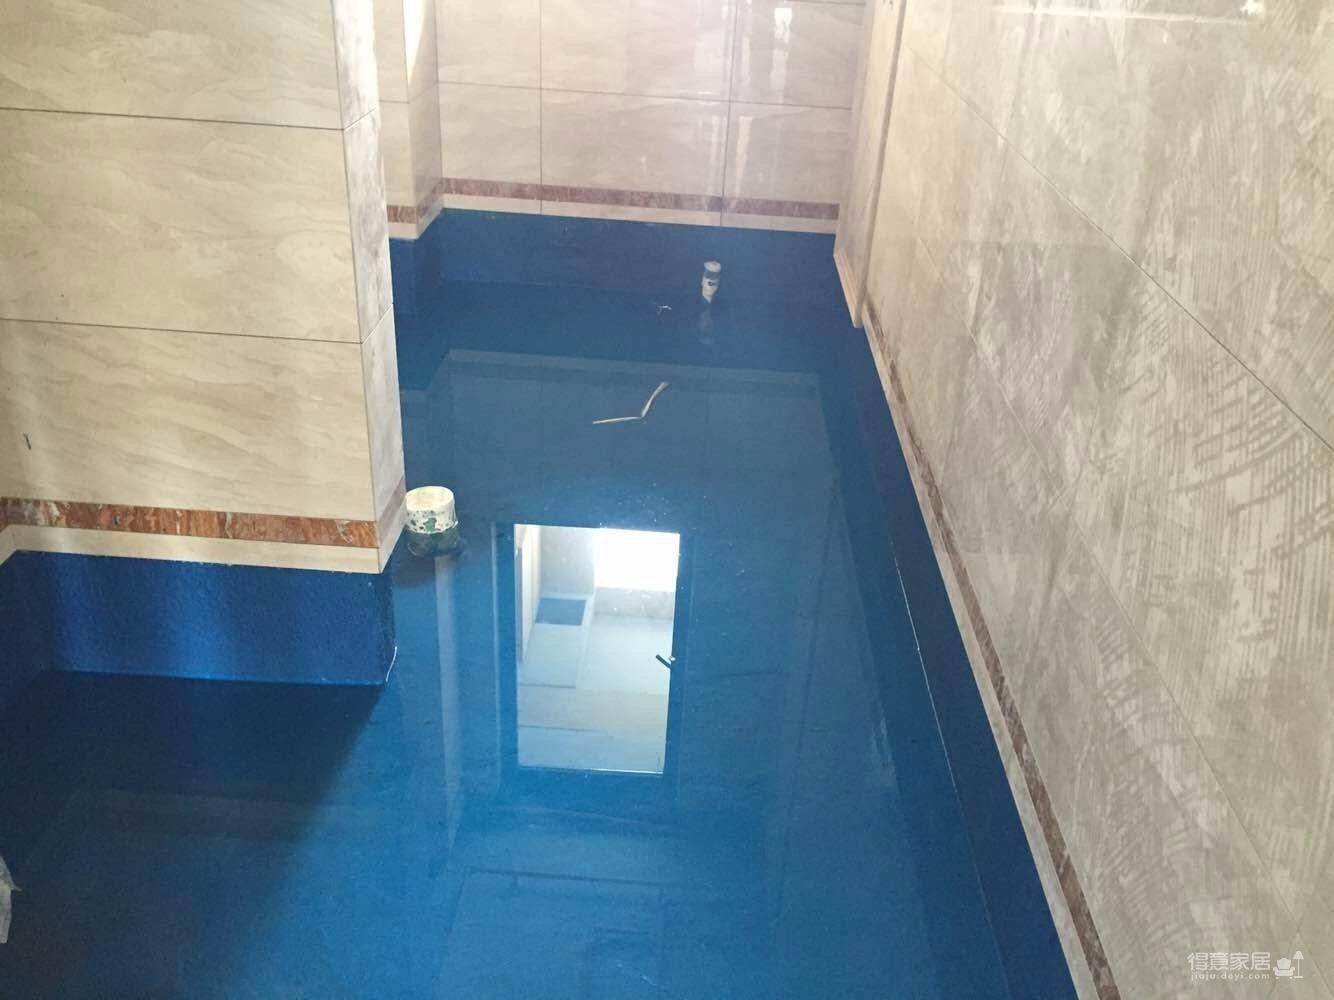 【业之峰工地直播】卫生间防水装修效果图_得意家居